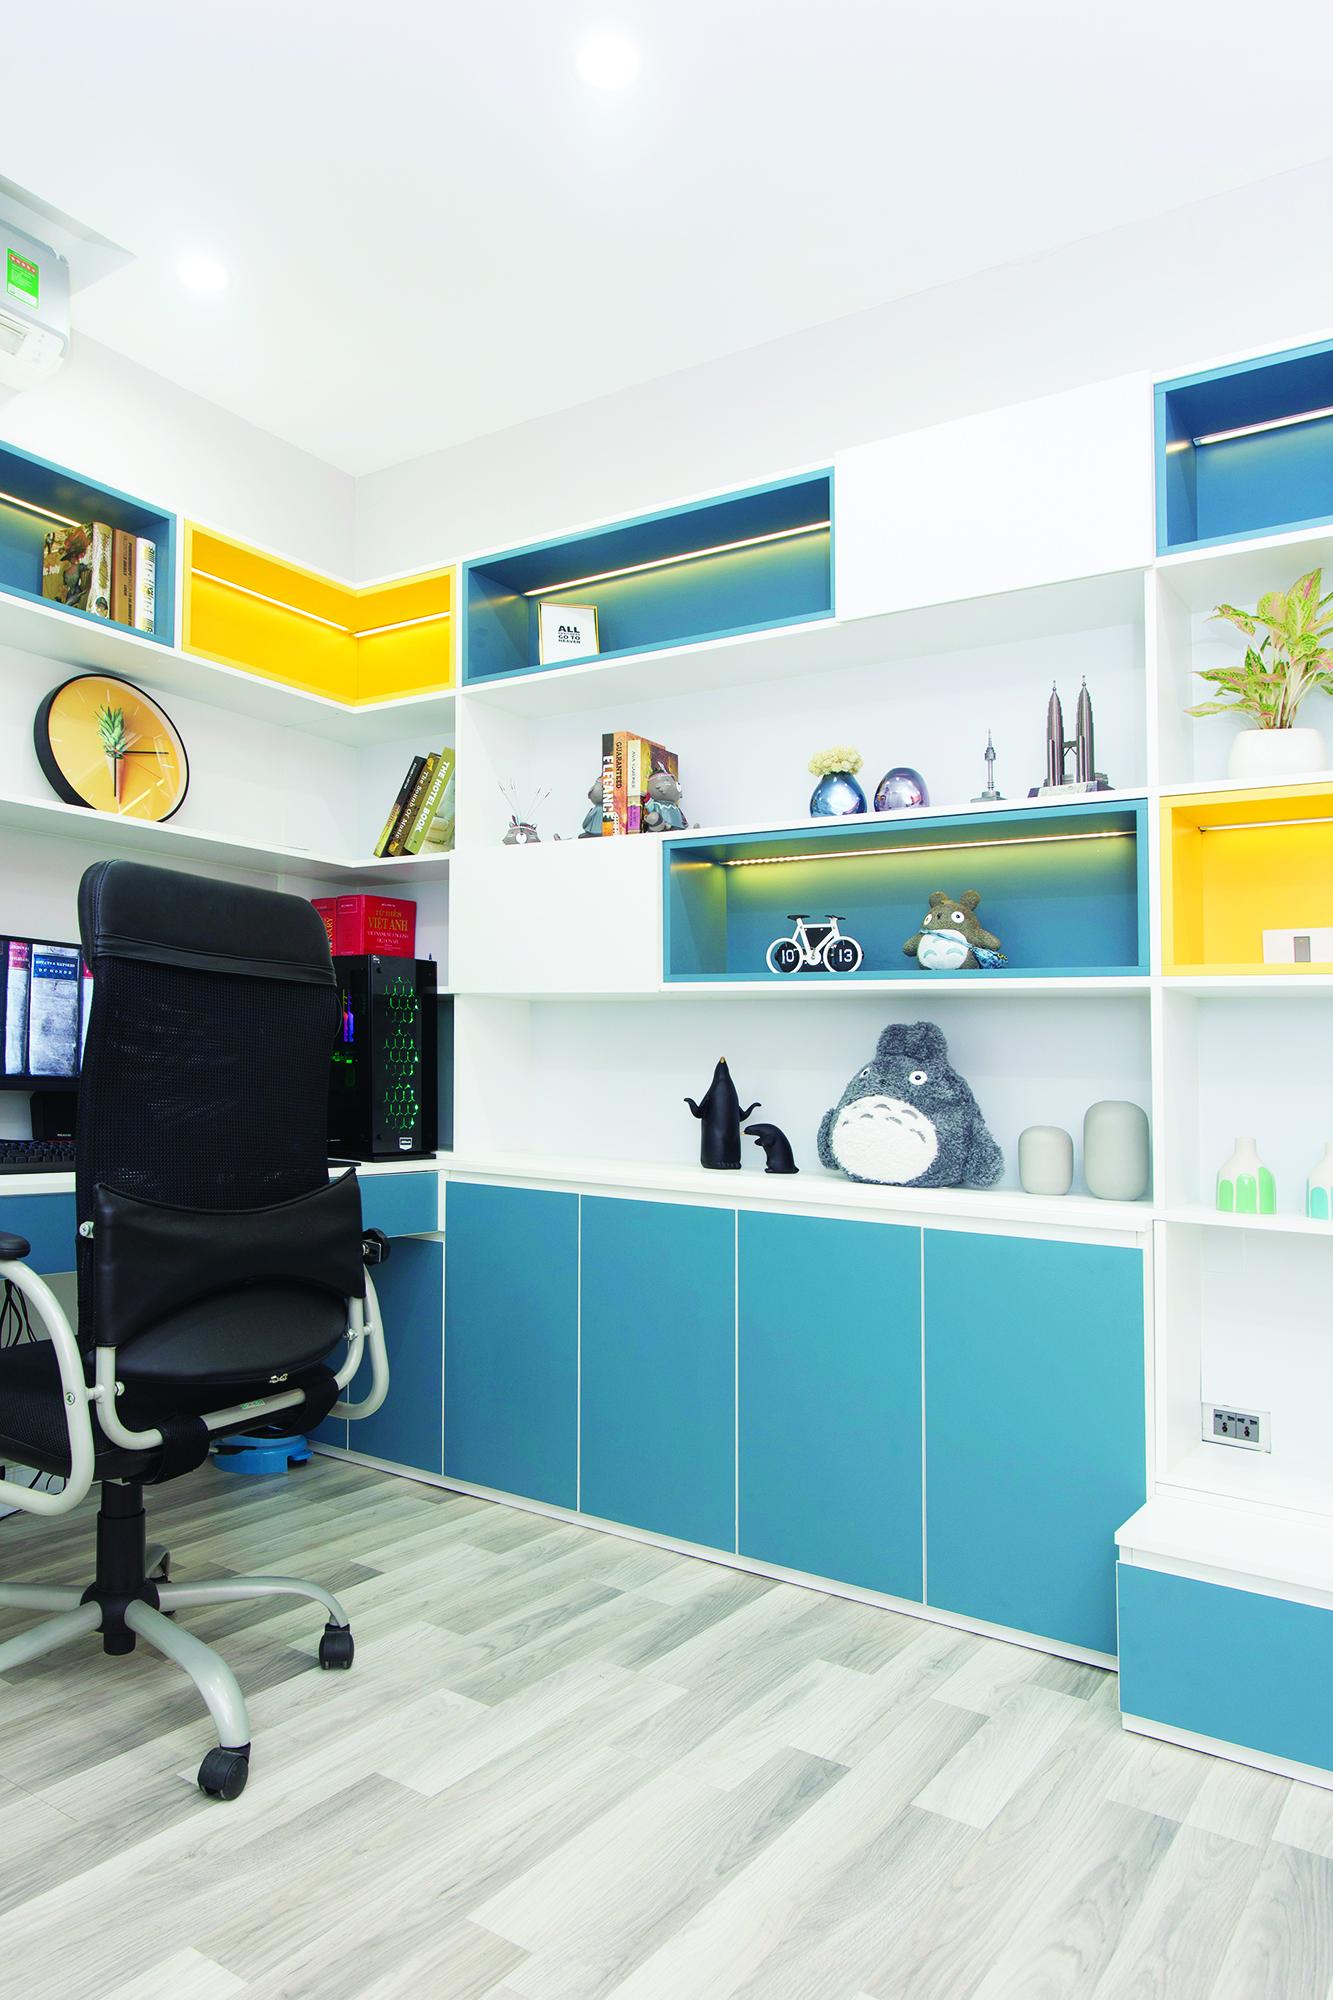 Các mẫu trang trí phù hợp với nhiều không gian trong căn hộ